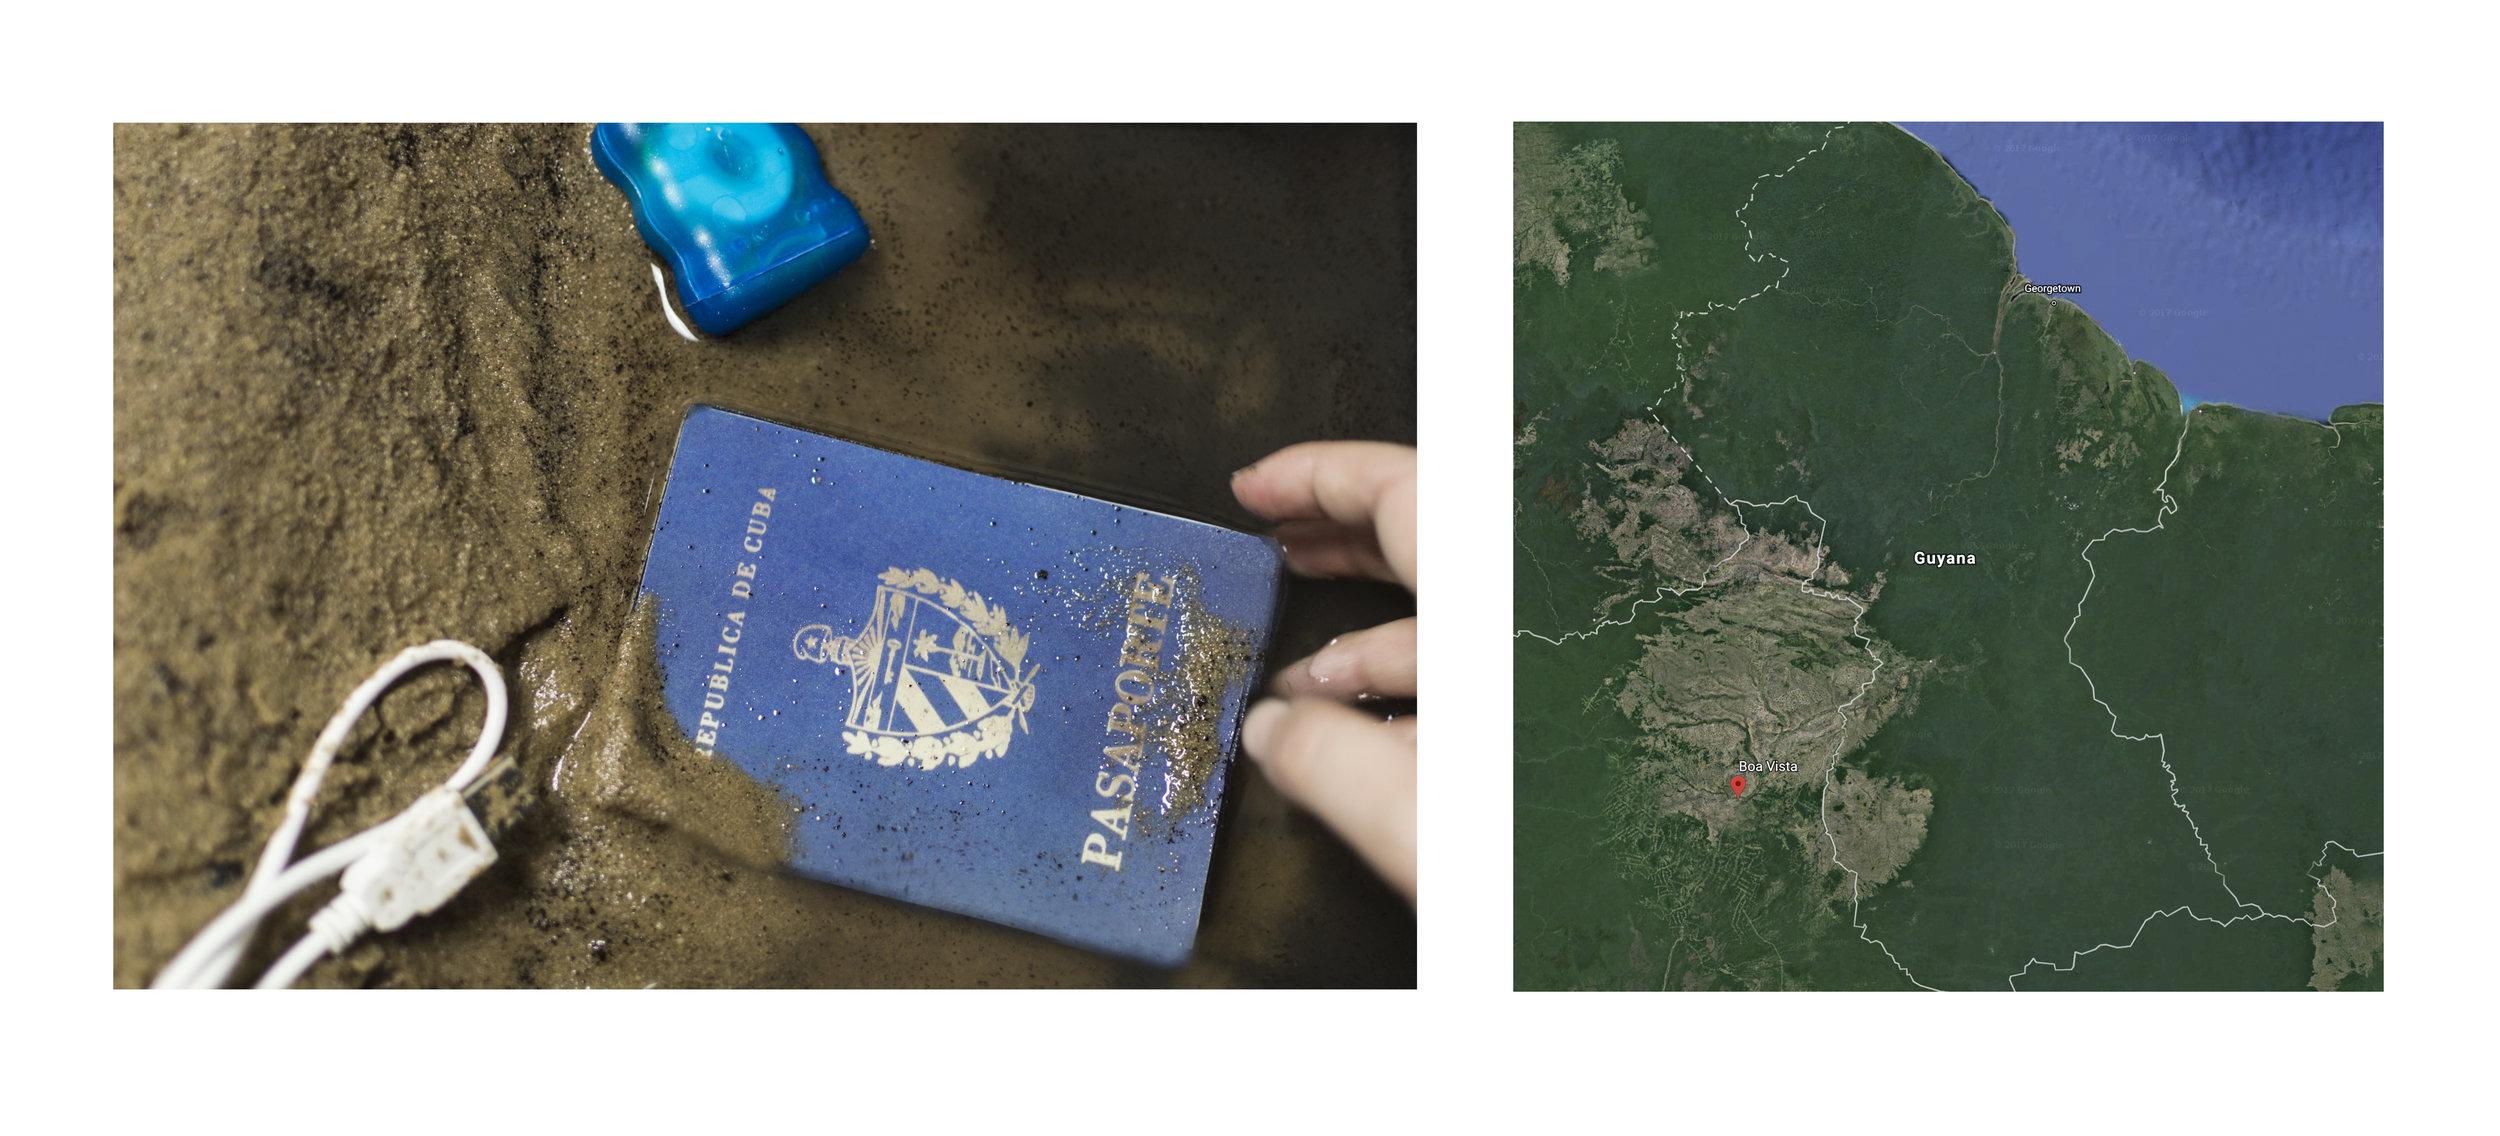 passportepersonalitemsmap.jpg